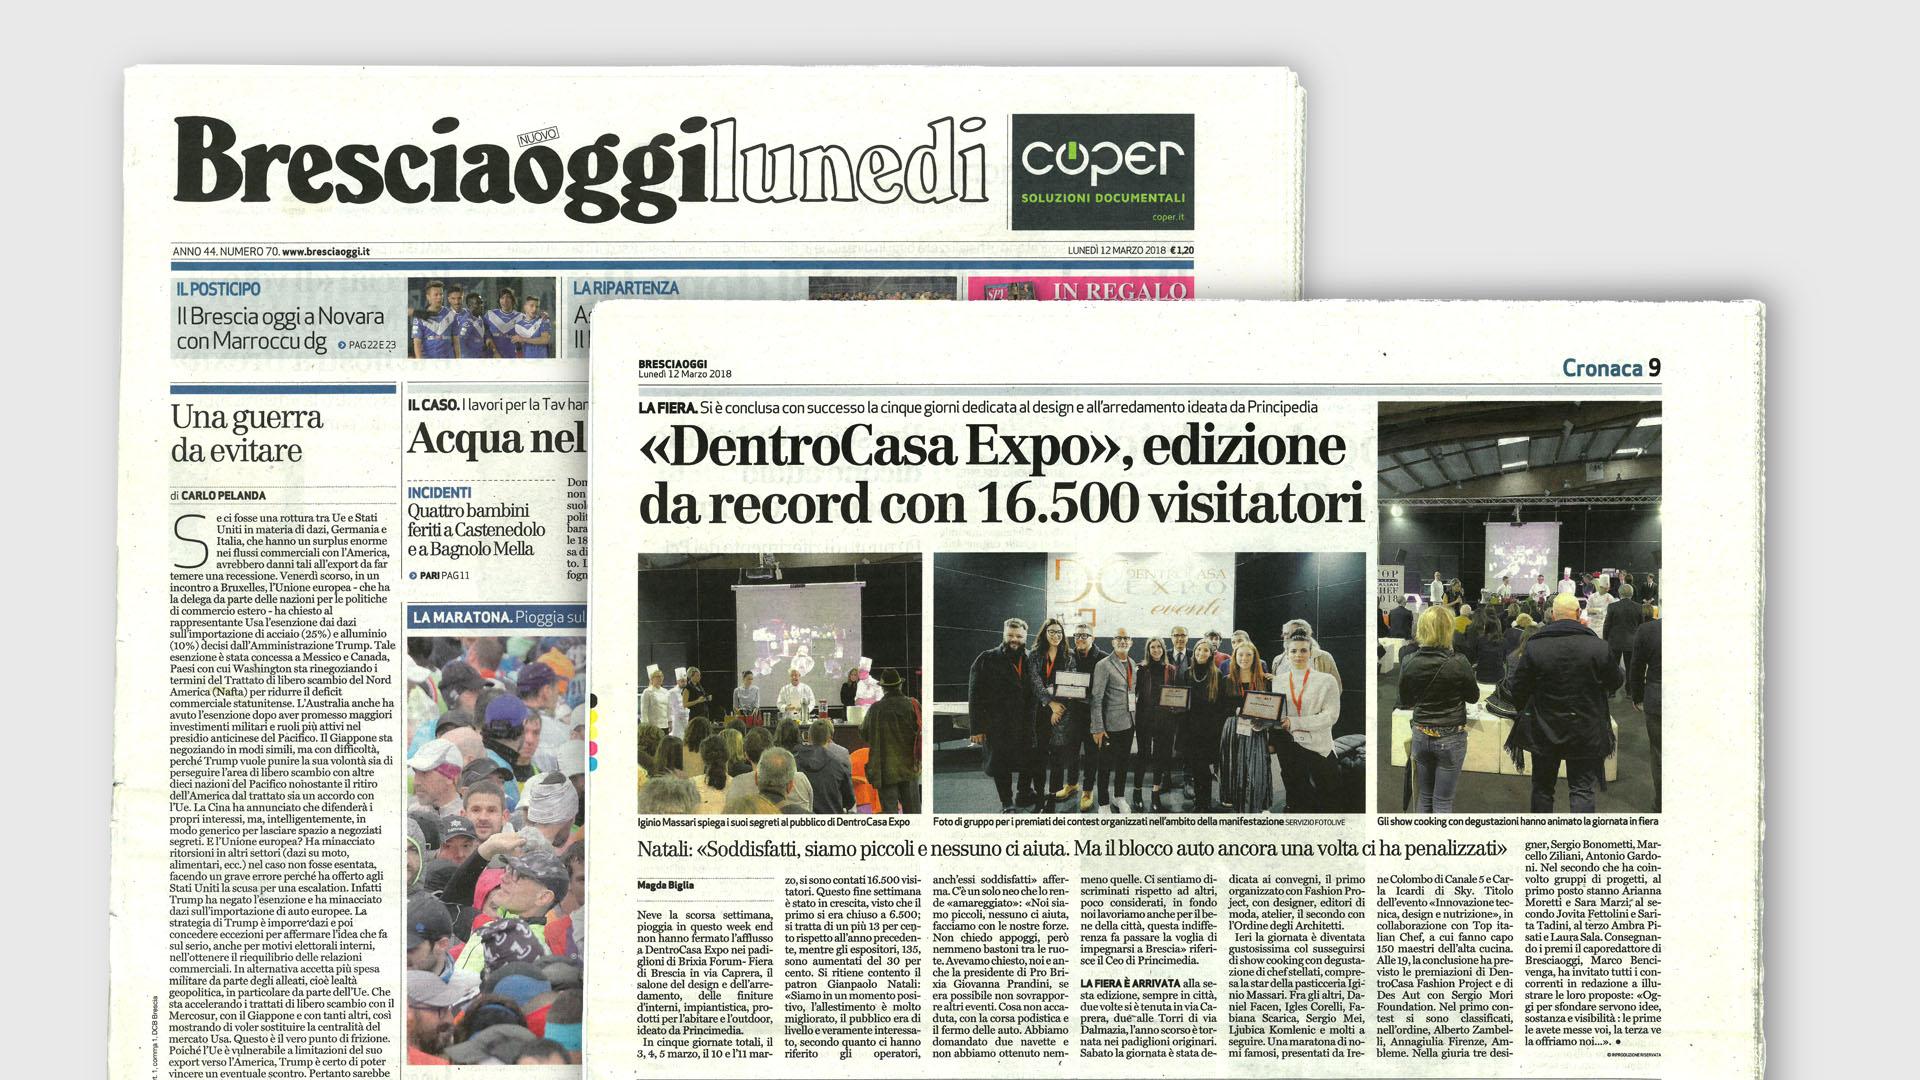 Immagine della prima pagina del Bresciaoggi del 12 Marzo 2018 e della pagina con l'articolo riguardo DentroCasa Expo.